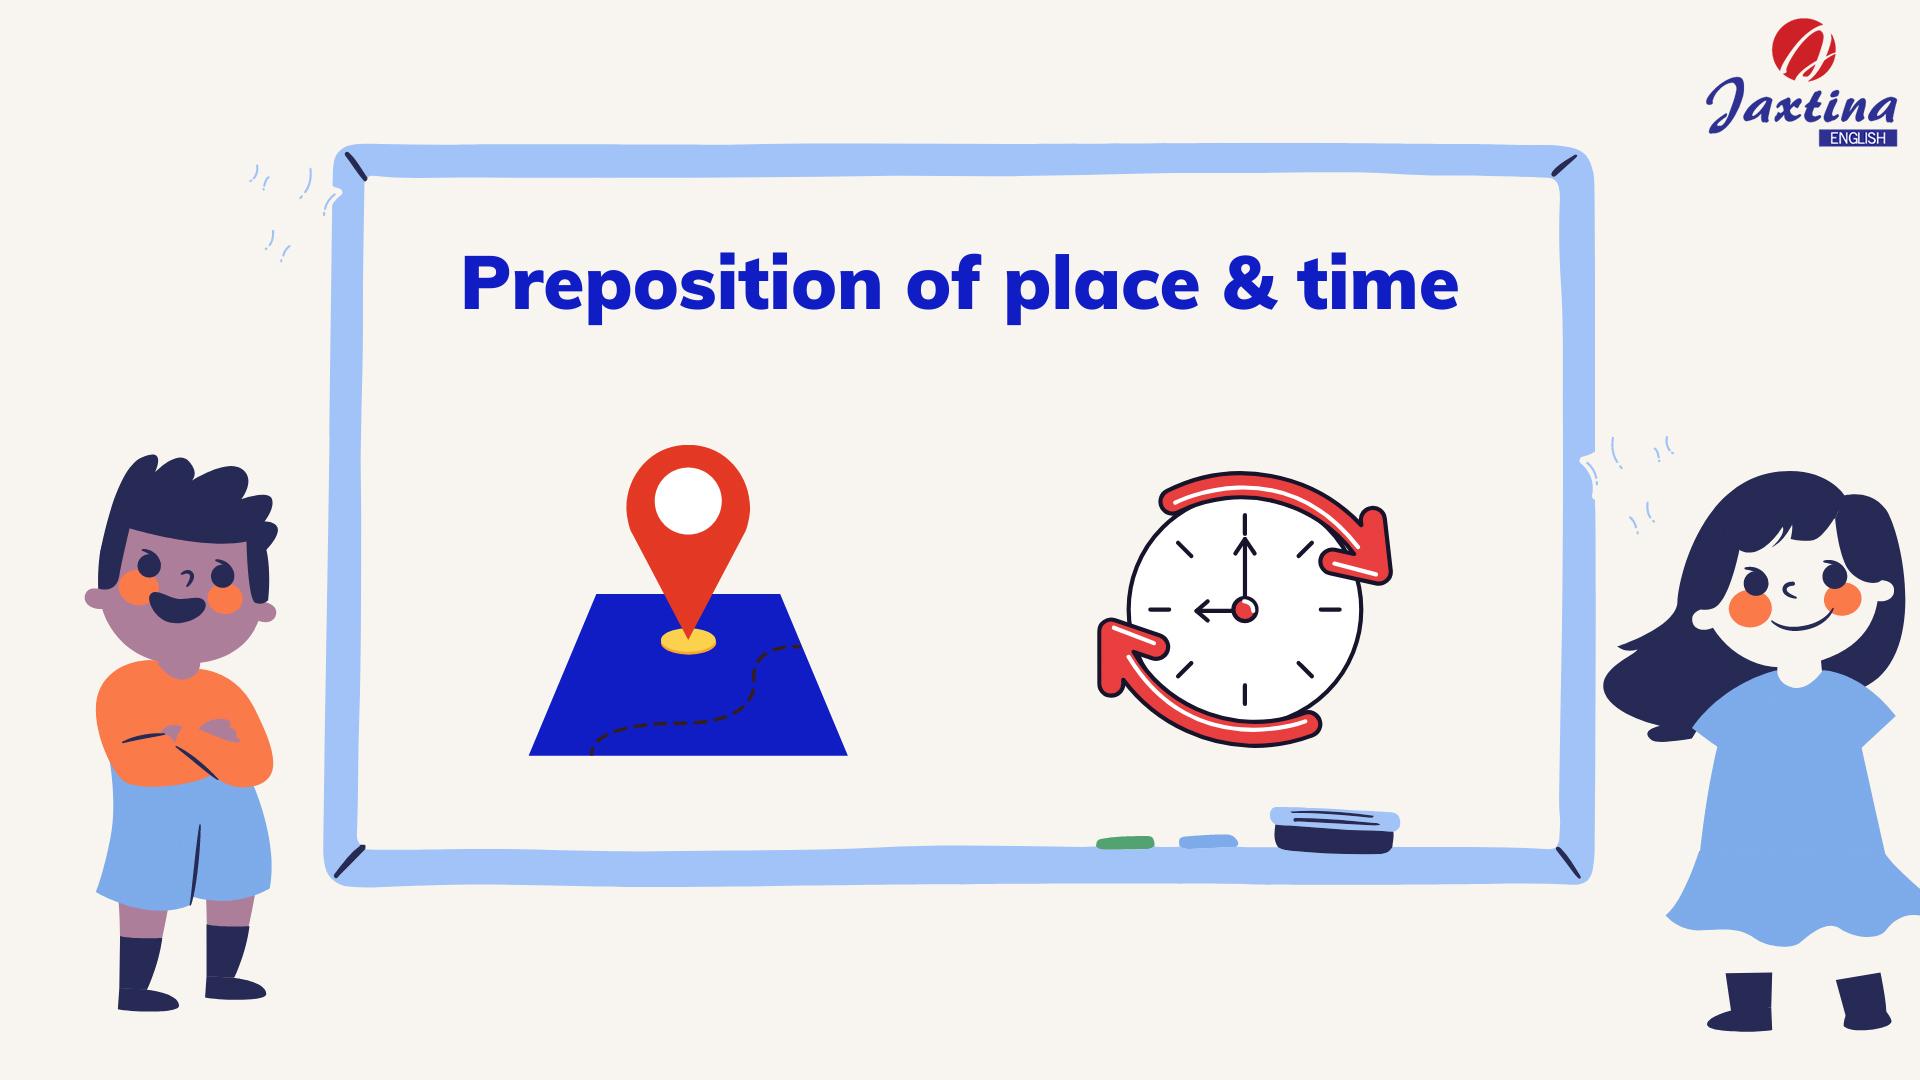 Cách sử dụng giới từ chỉ nơi chốn và giới từ chỉ thời gian (Preposition of place & time)